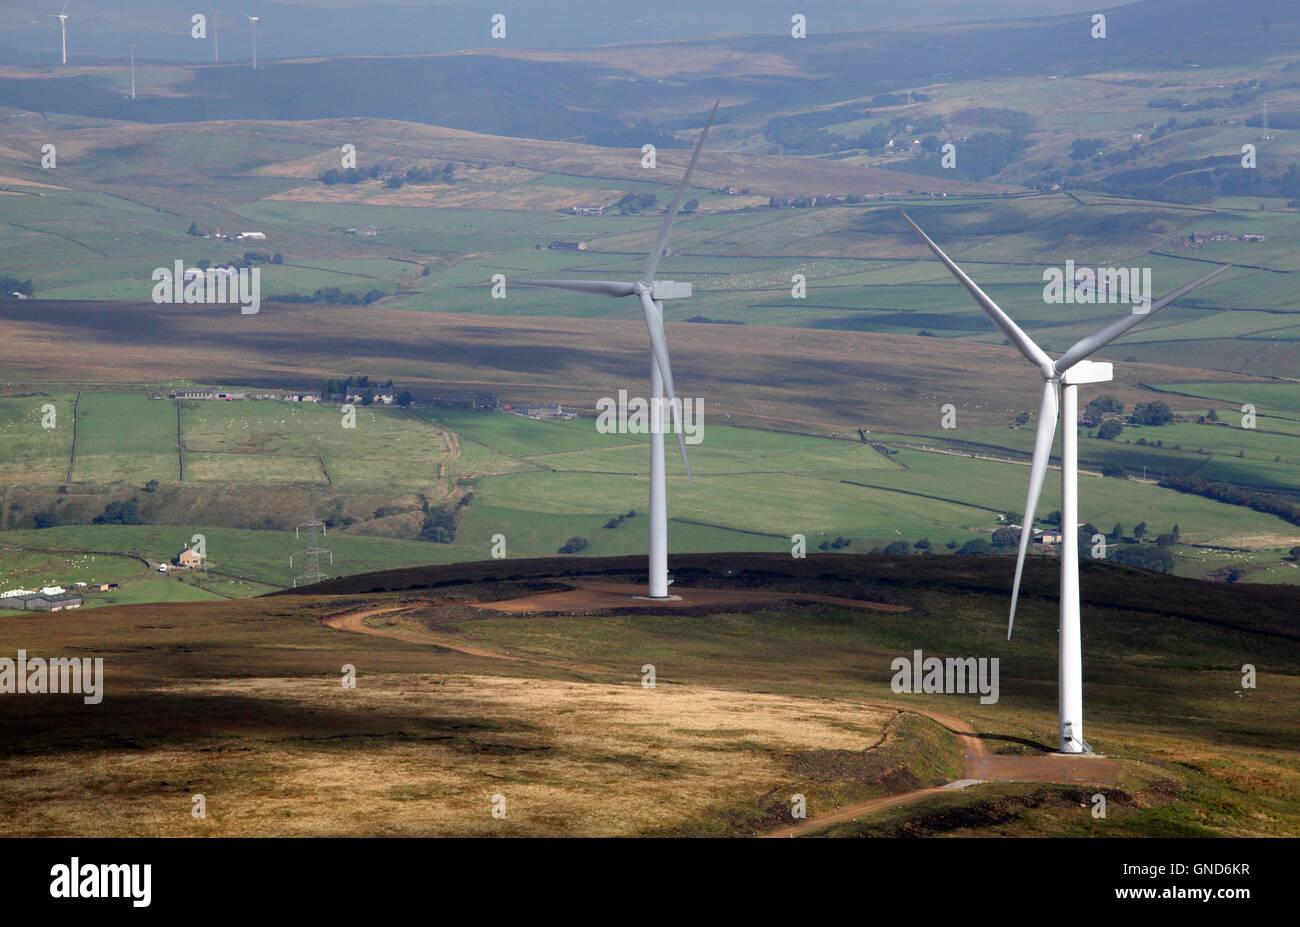 Luftaufnahme von 2 Windkraftanlagen und andere in den Hintergrund, auf der Pennines, UK Stockbild